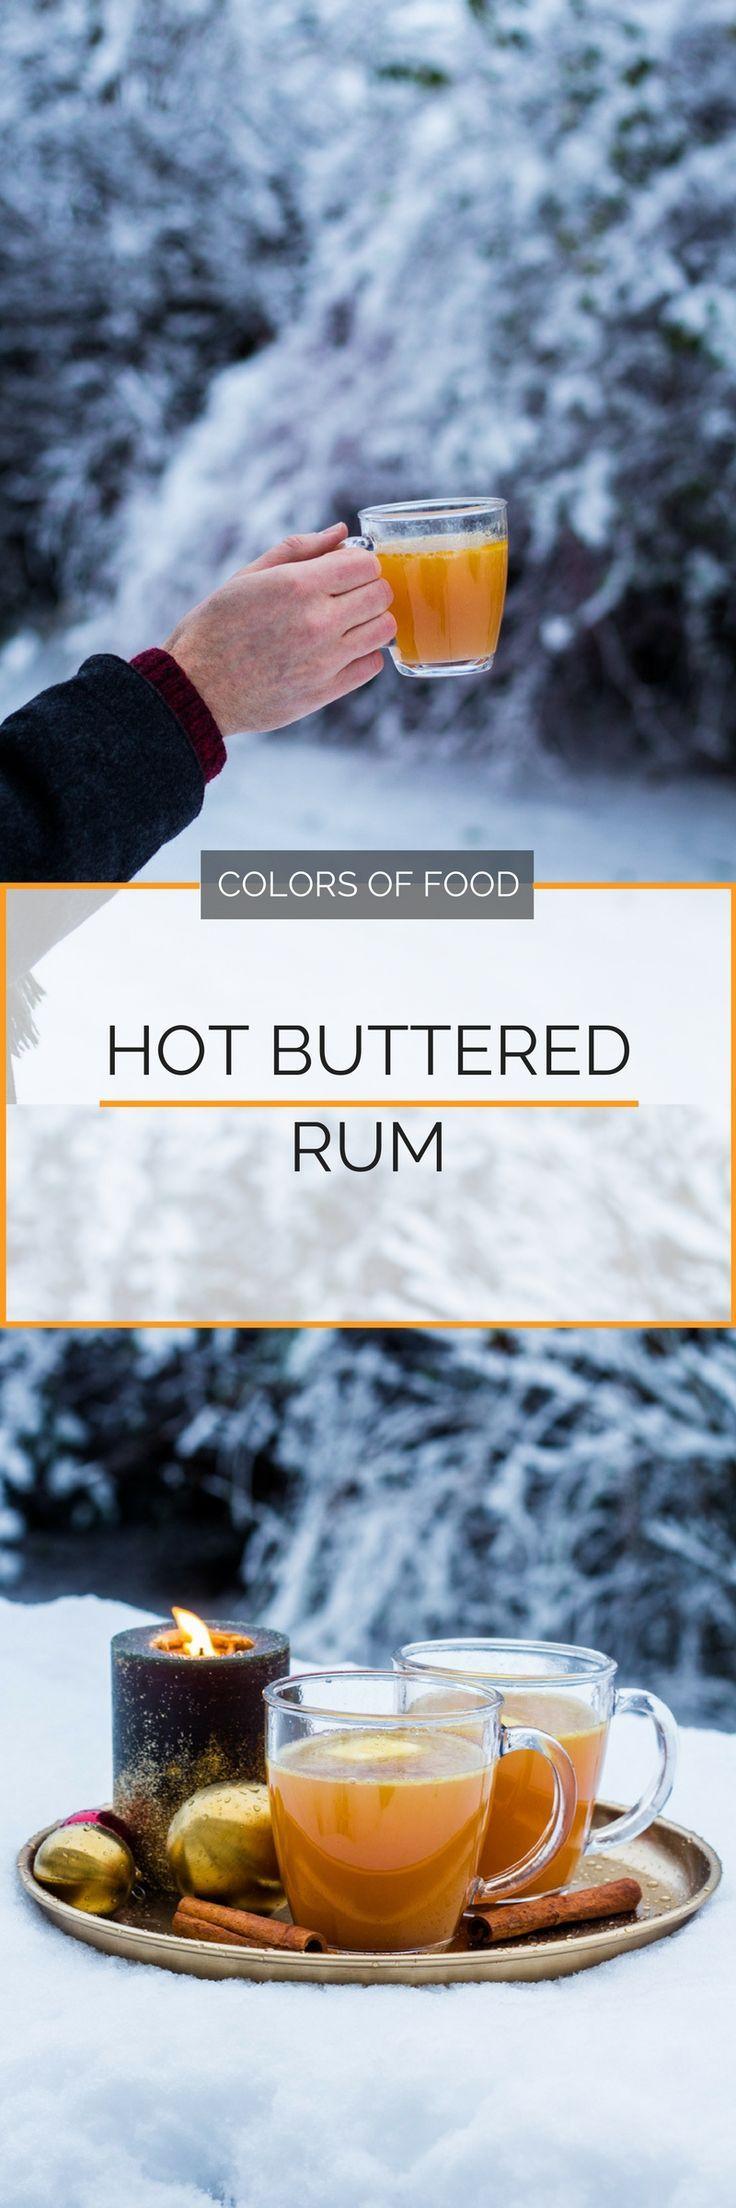 Hier findest du das Rezept für einen Hot Buttered Rum mit einem leckeren Wintergewürz-Sirup, für den du jeden Glühwein stehen lässt.